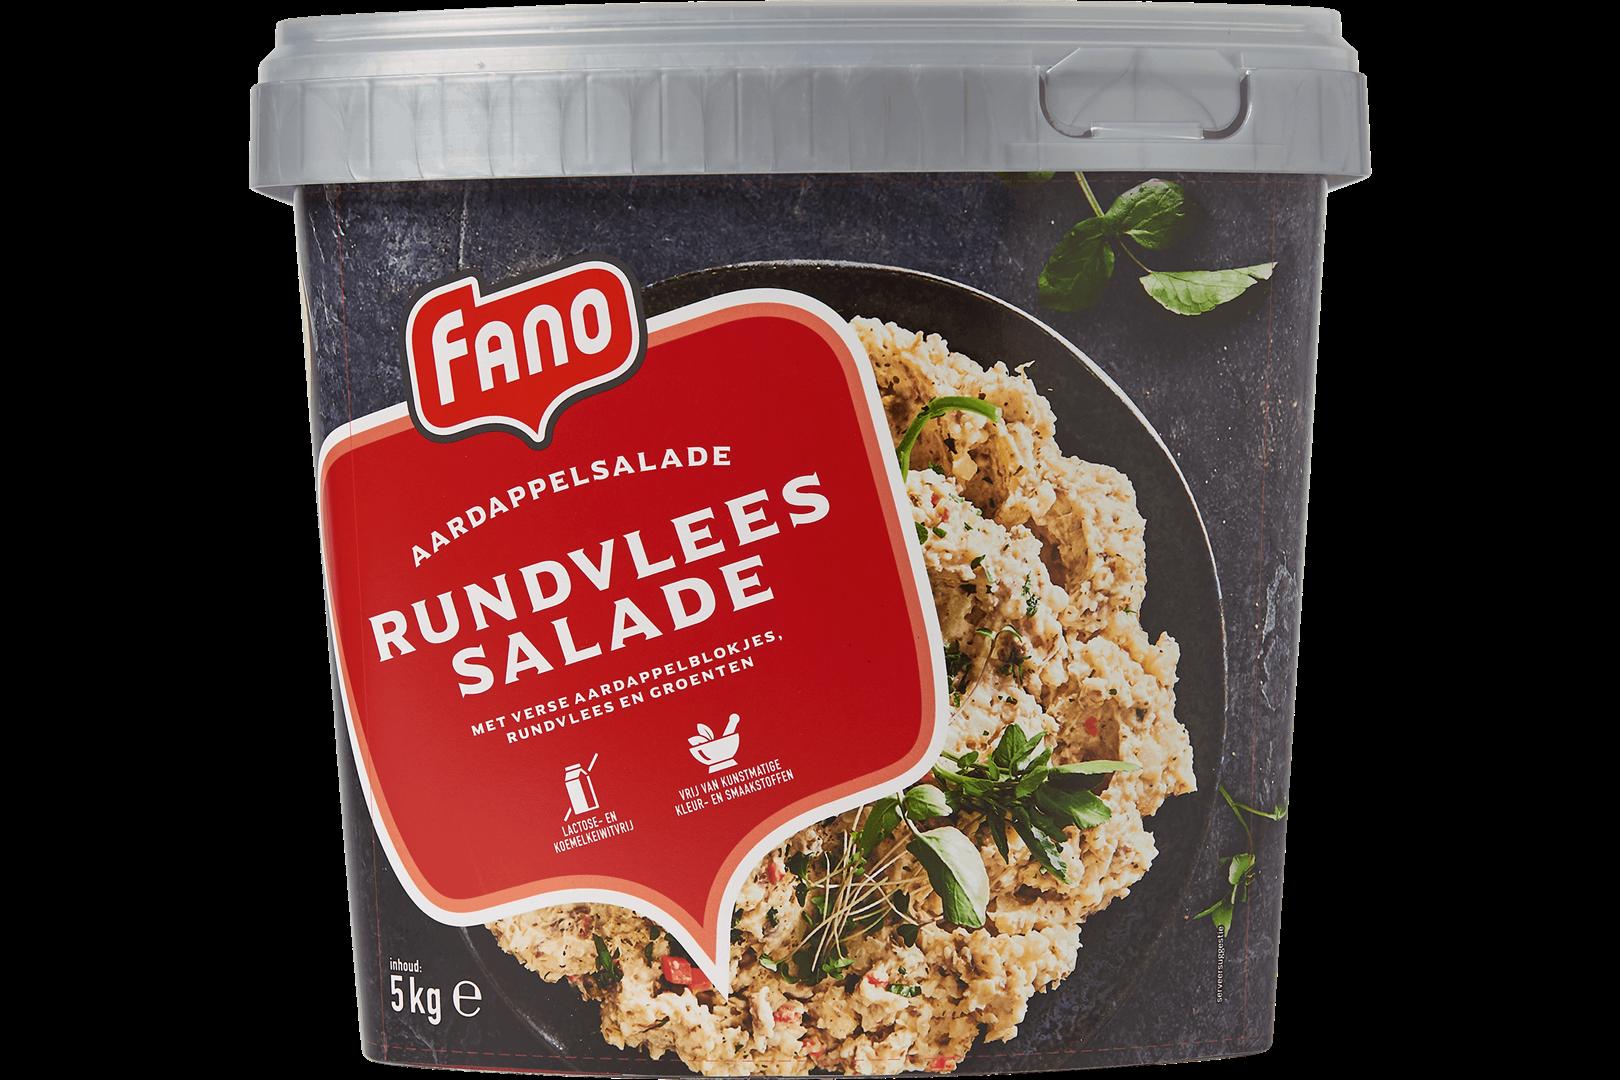 Productafbeelding FANO Rundvlees Salade met aardappelblokjes, rundvlees en groente 5kg